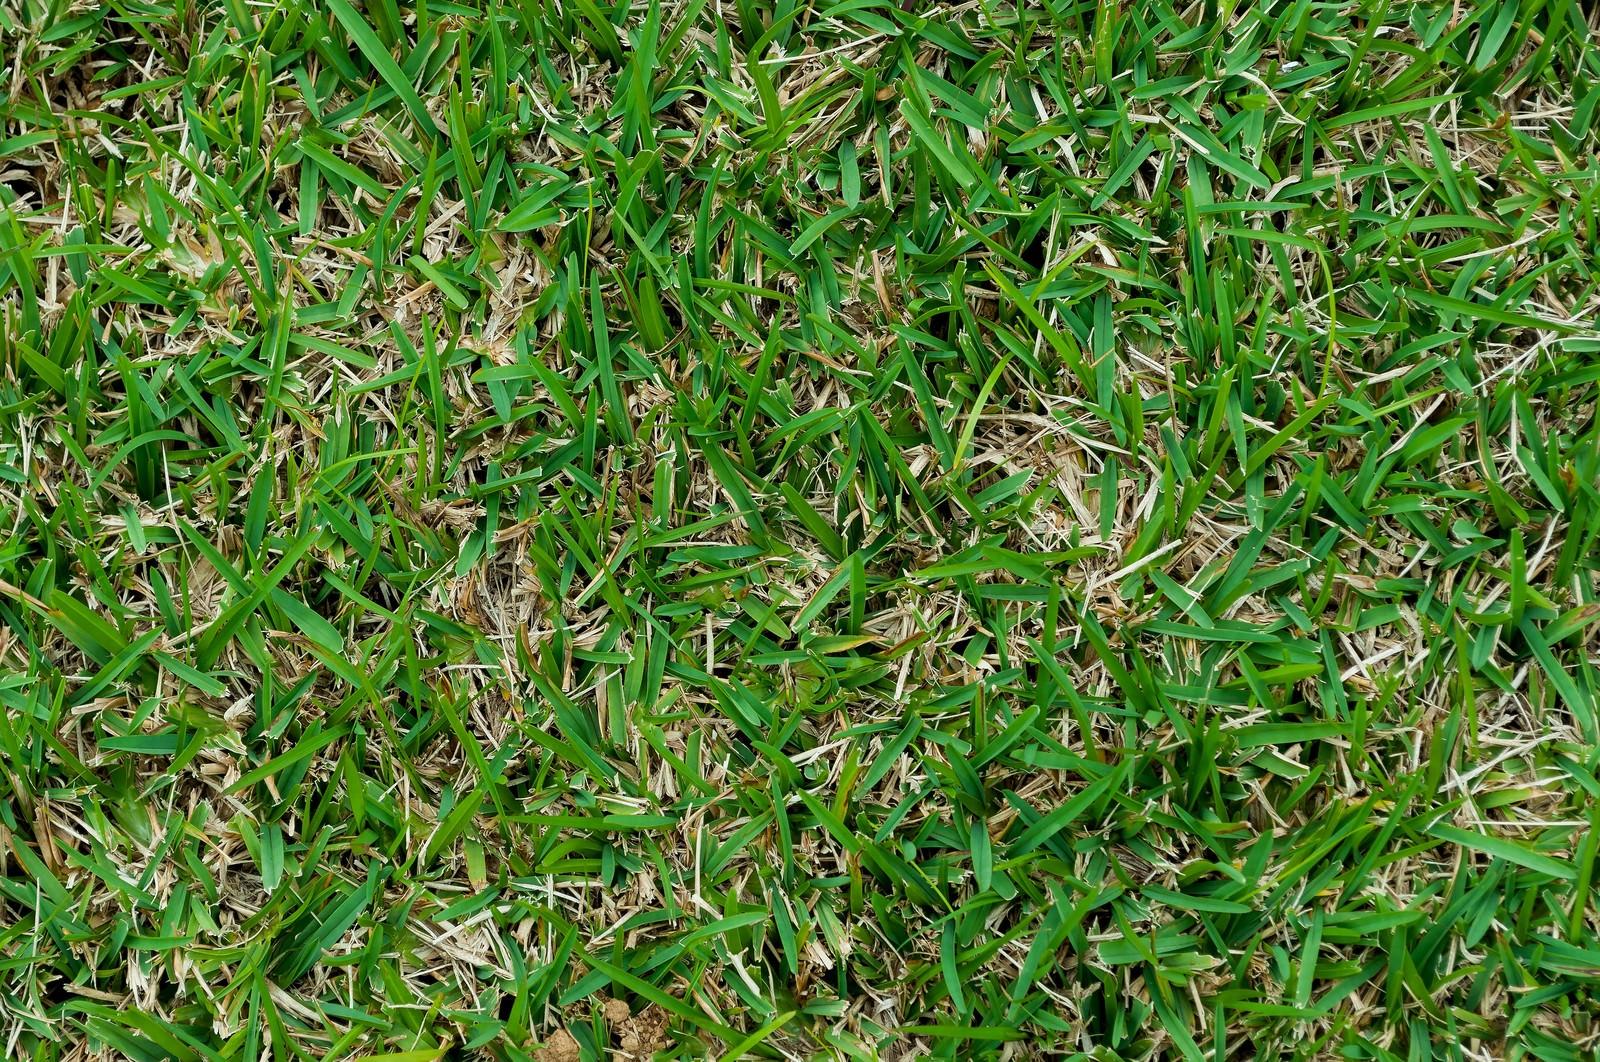 「芝生のテクスチャー芝生のテクスチャー」のフリー写真素材を拡大